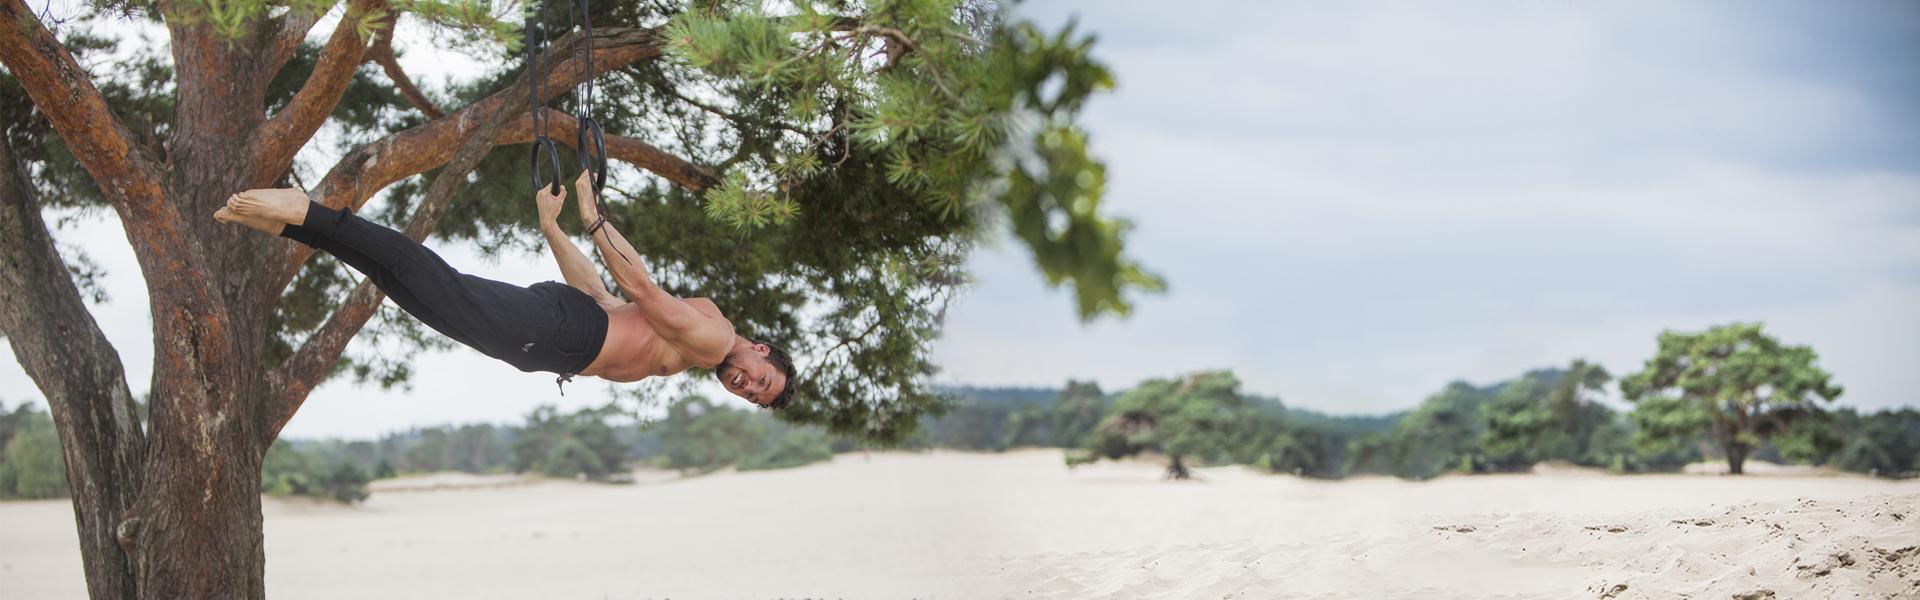 Arjuna yoga broek voor mannen in Urban Black